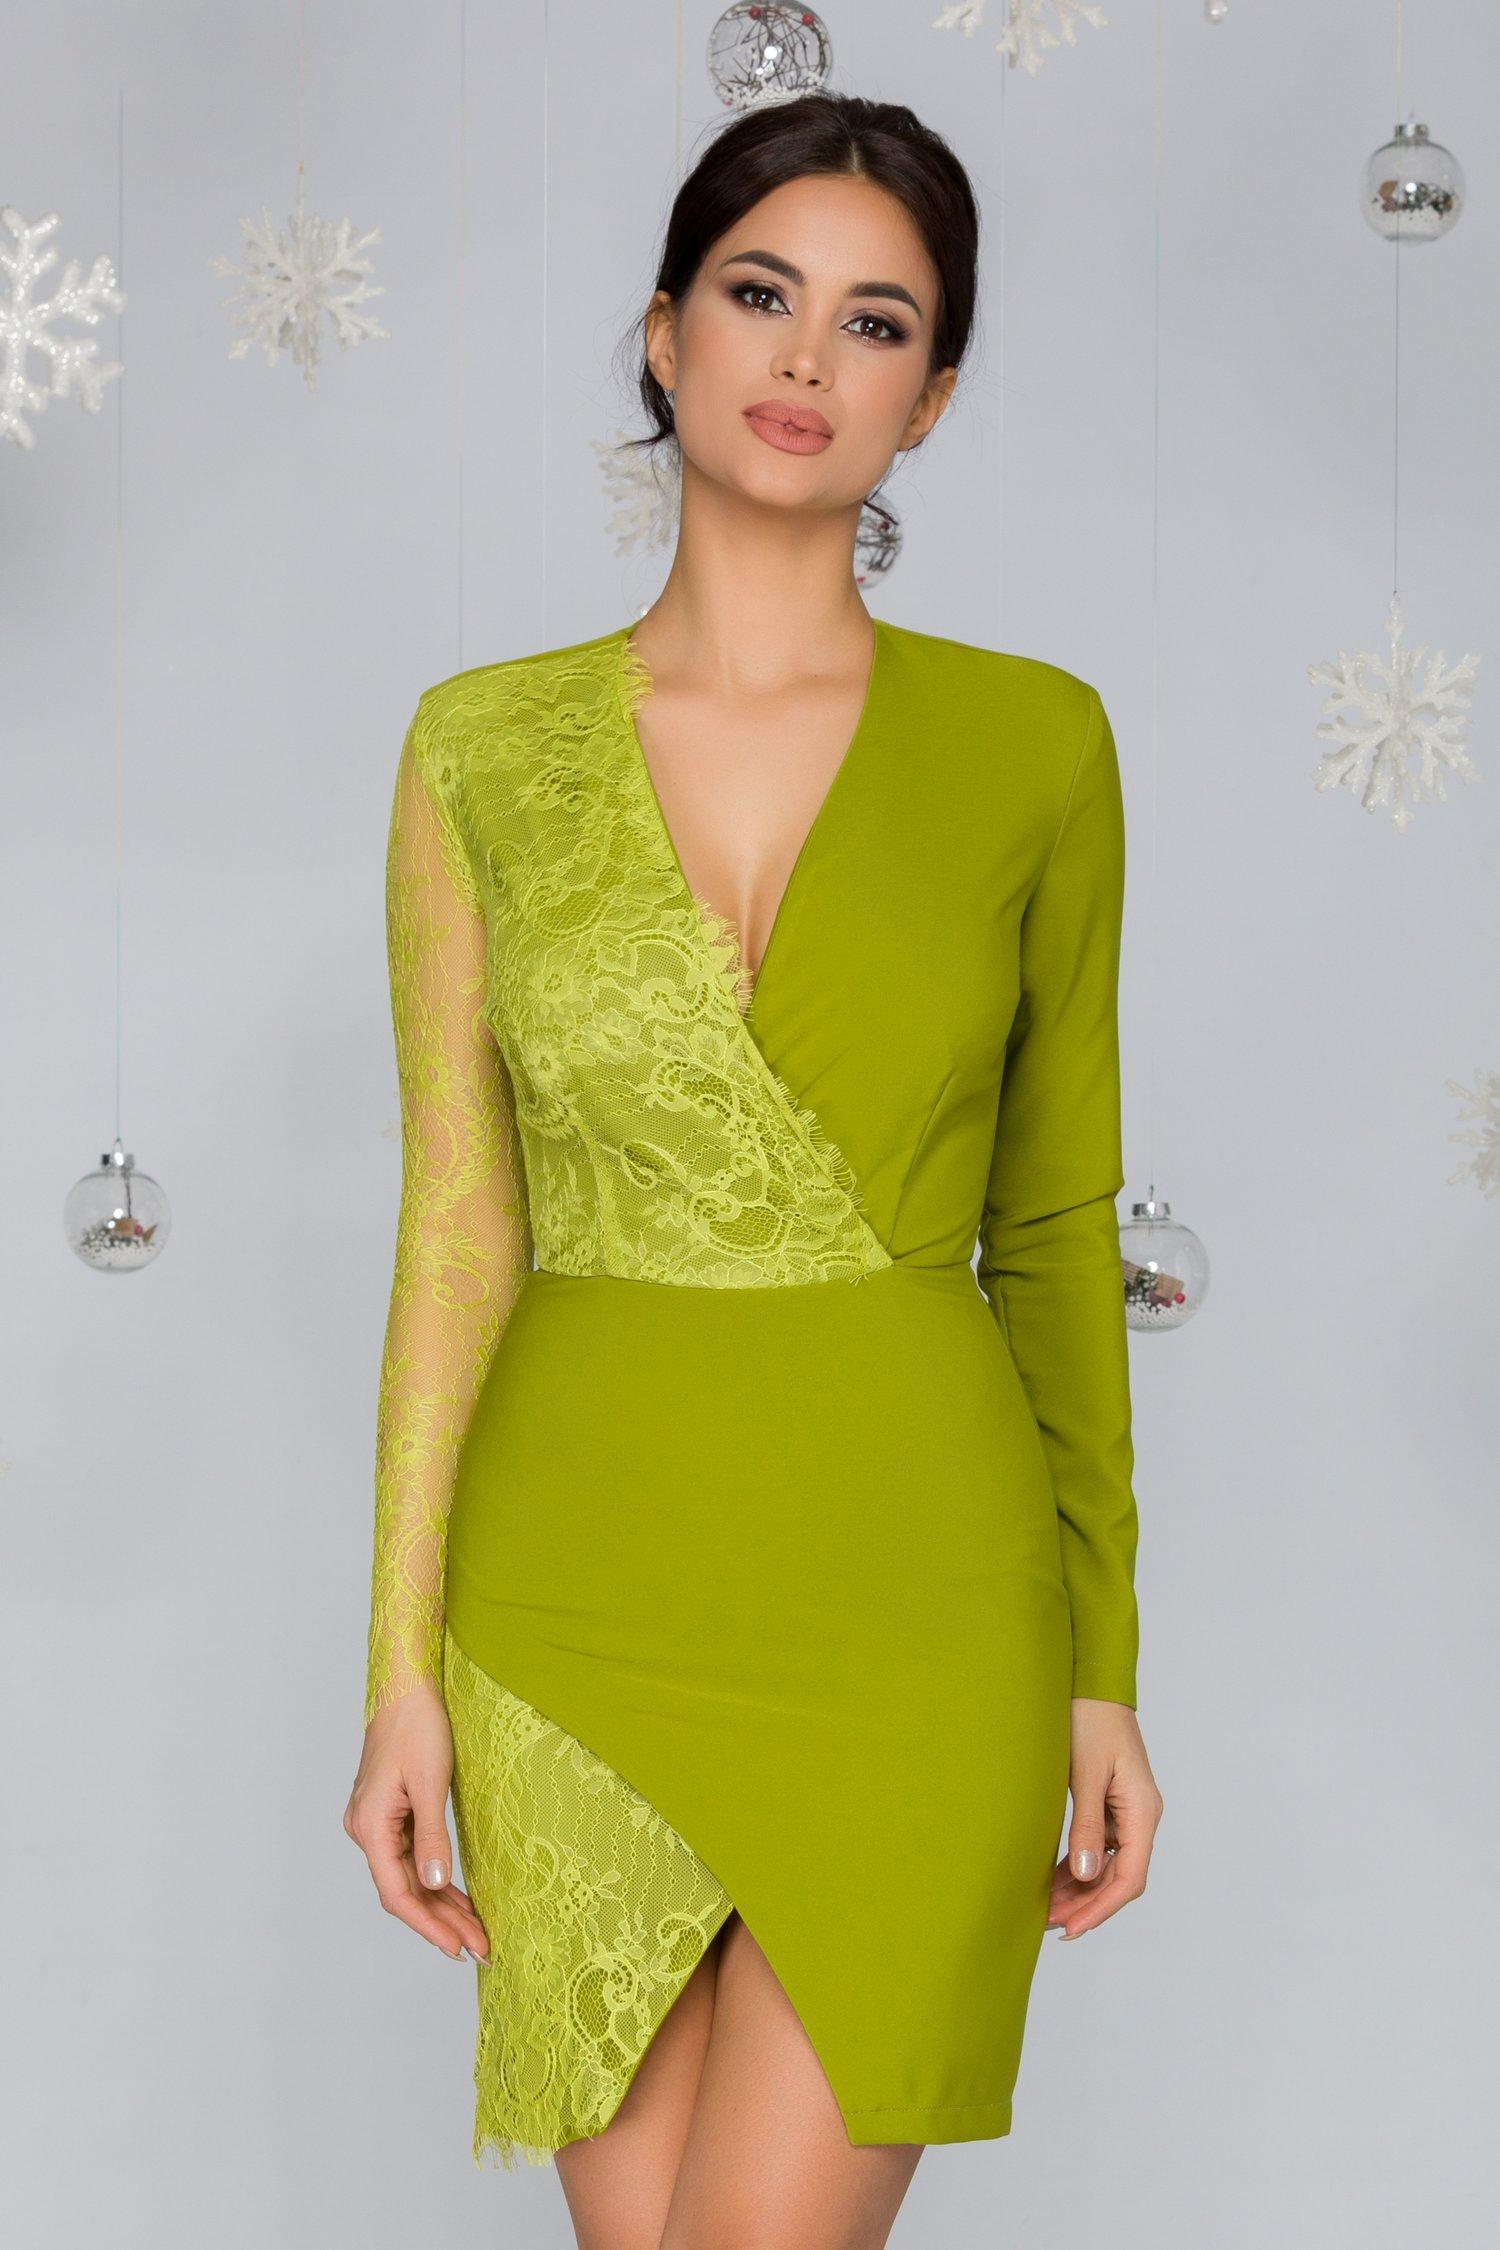 Rochie LaDonna verde lime cu o maneca din dantela Chantily